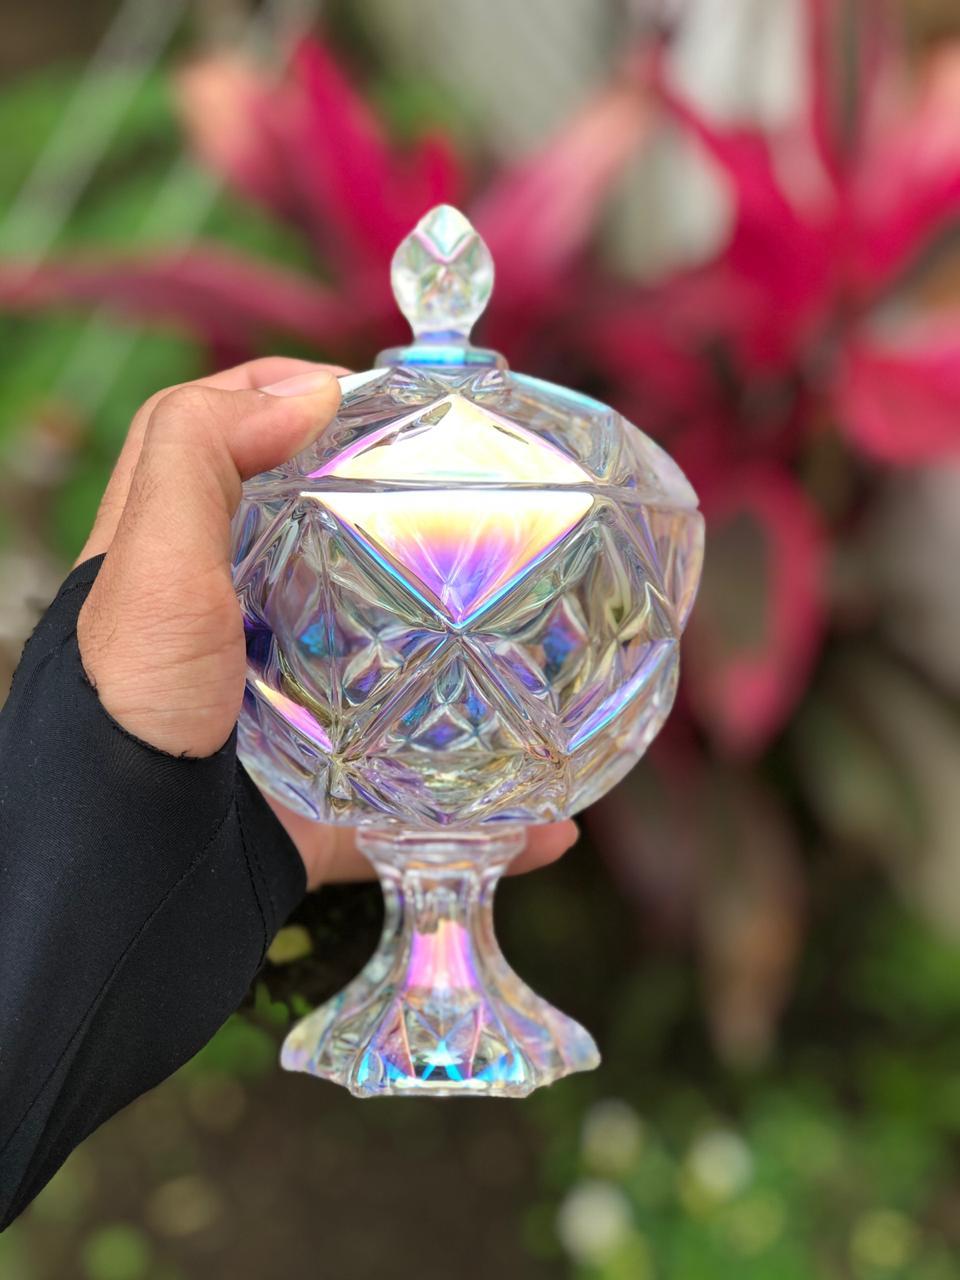 bomboniere de vidro cristal potiche flamenco alta A18 x D11 enfeite decorativo